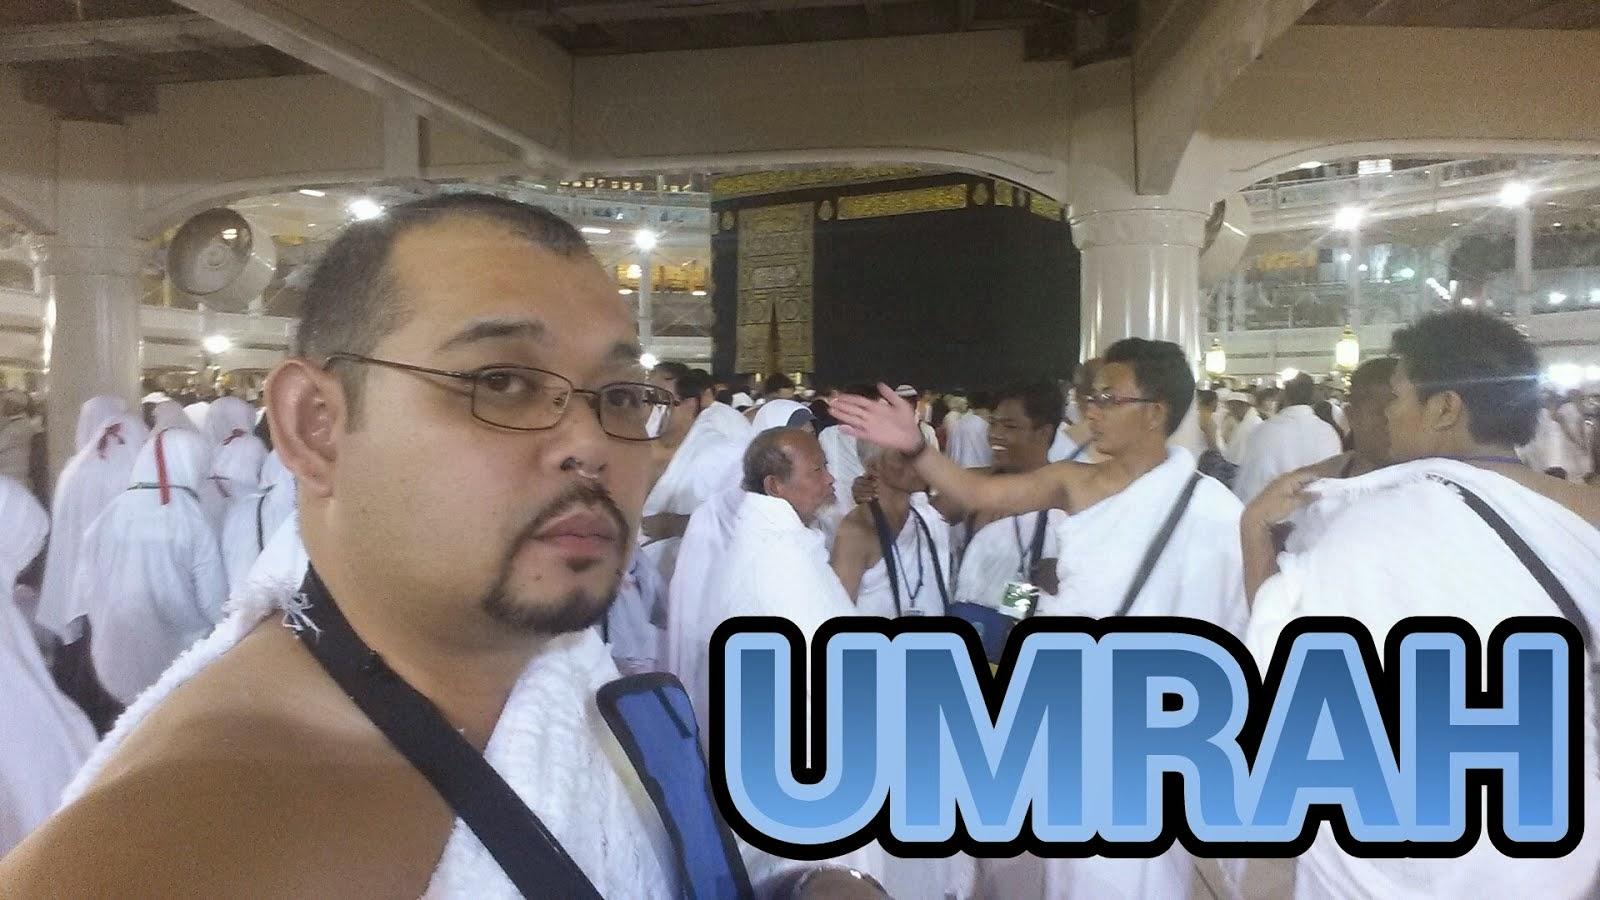 IBADAH UMRAH :